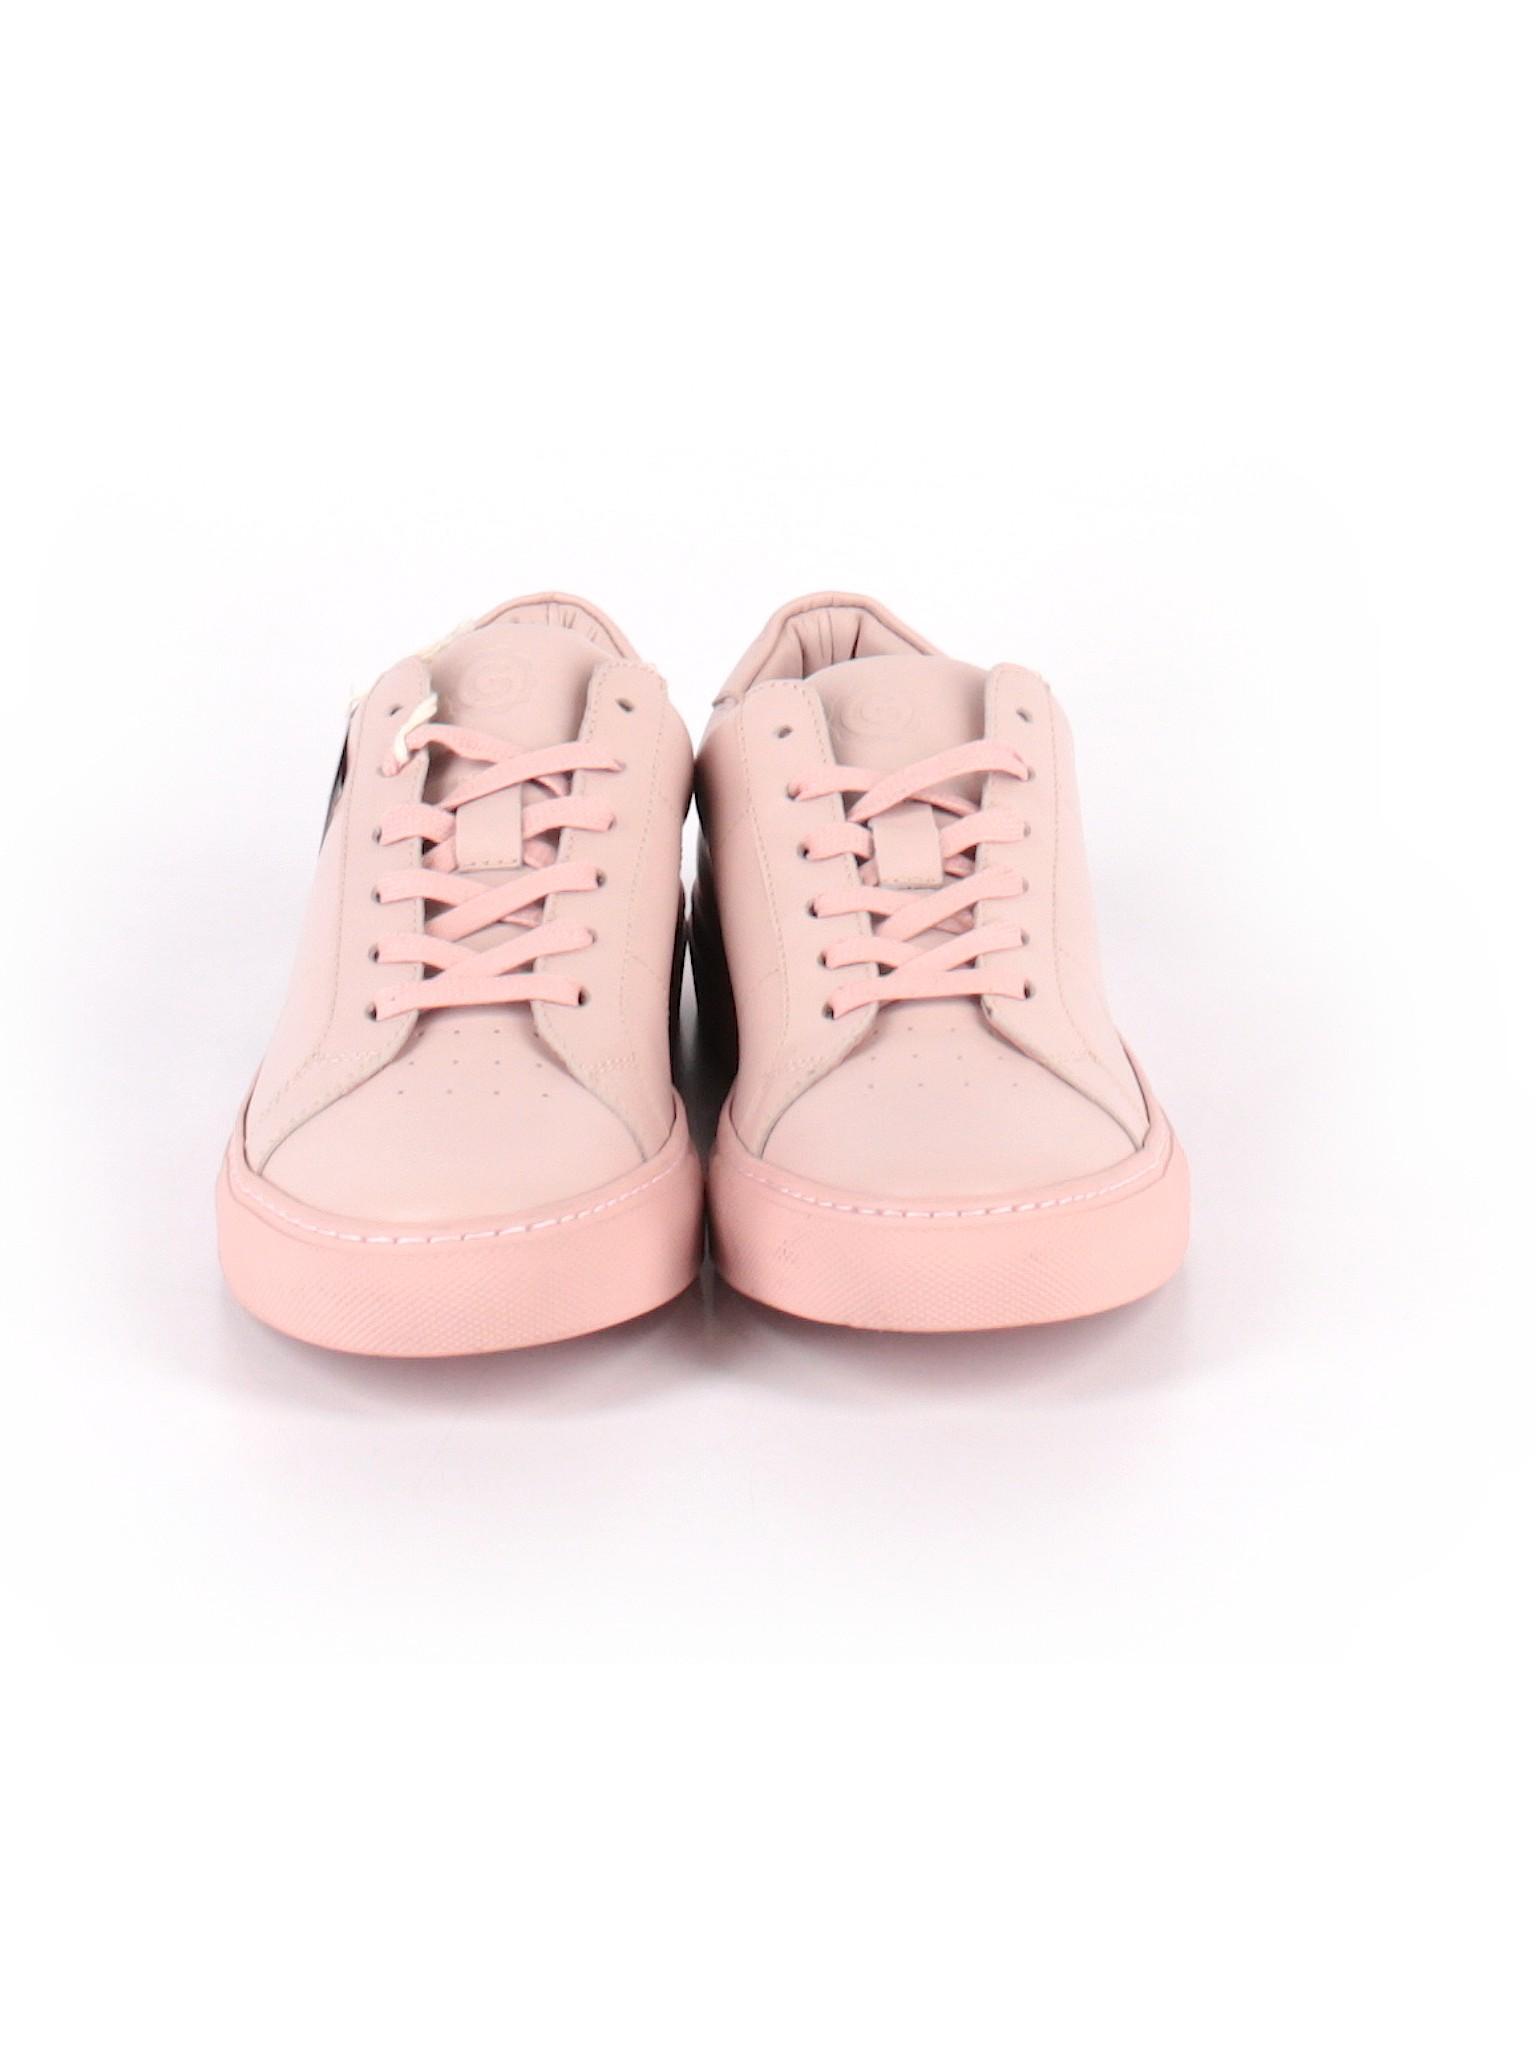 Greats promotion Boutique promotion Boutique Sneakers Sneakers Sneakers promotion Greats Boutique Boutique Greats 1URg0qH